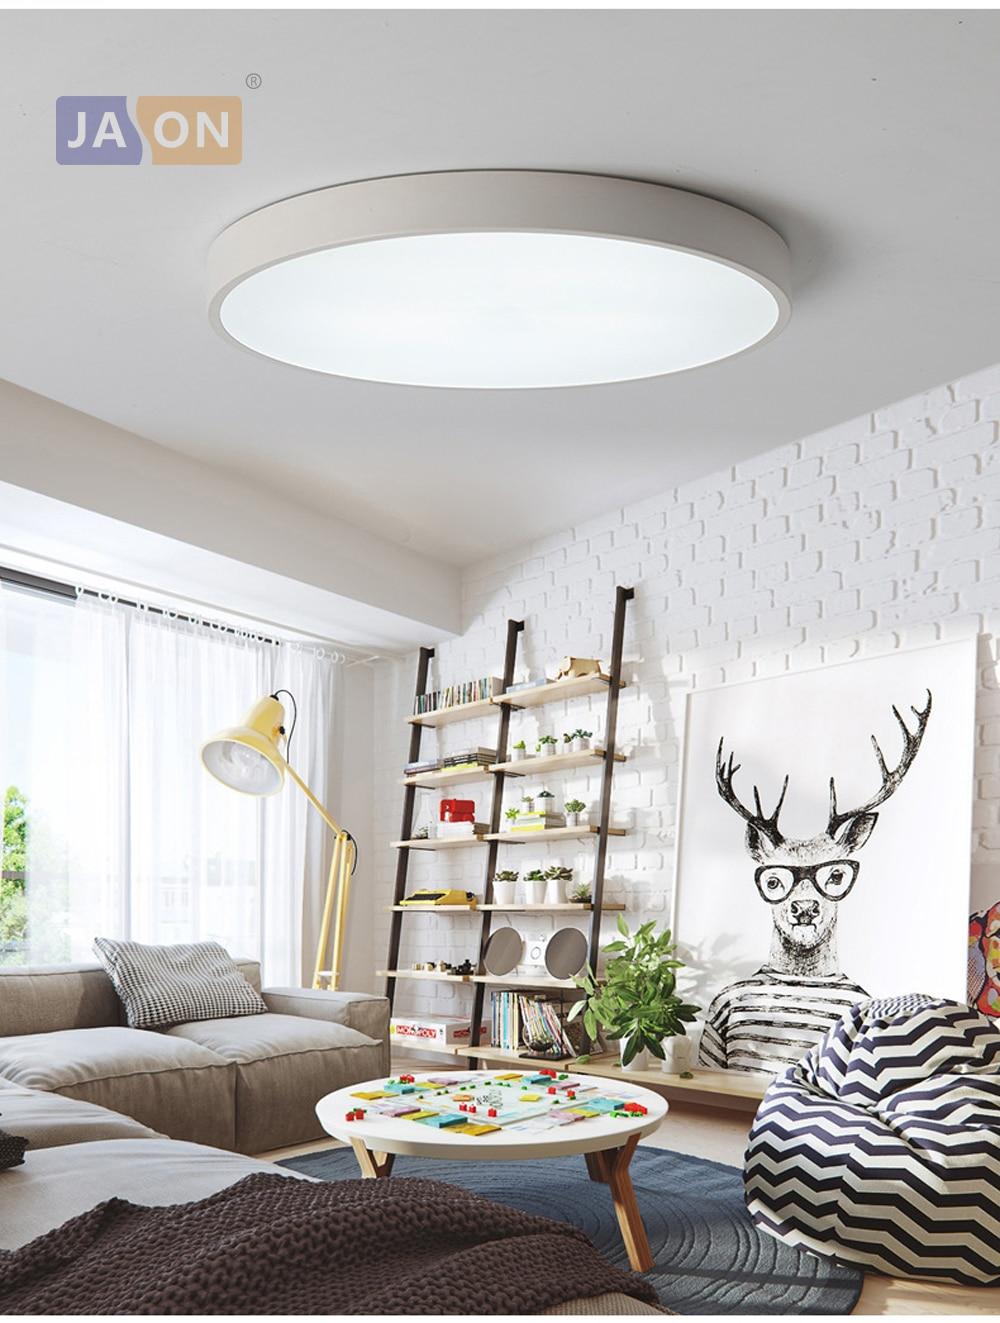 HTB1CTaljlfH8KJjy1Xbq6zLdXXa2 LED Modern Acryl Alloy Round 5cm Super Thin LED Lamp.LED Light.Ceiling Lights.LED Ceiling Light.Ceiling Lamp For Foyer Bedroom